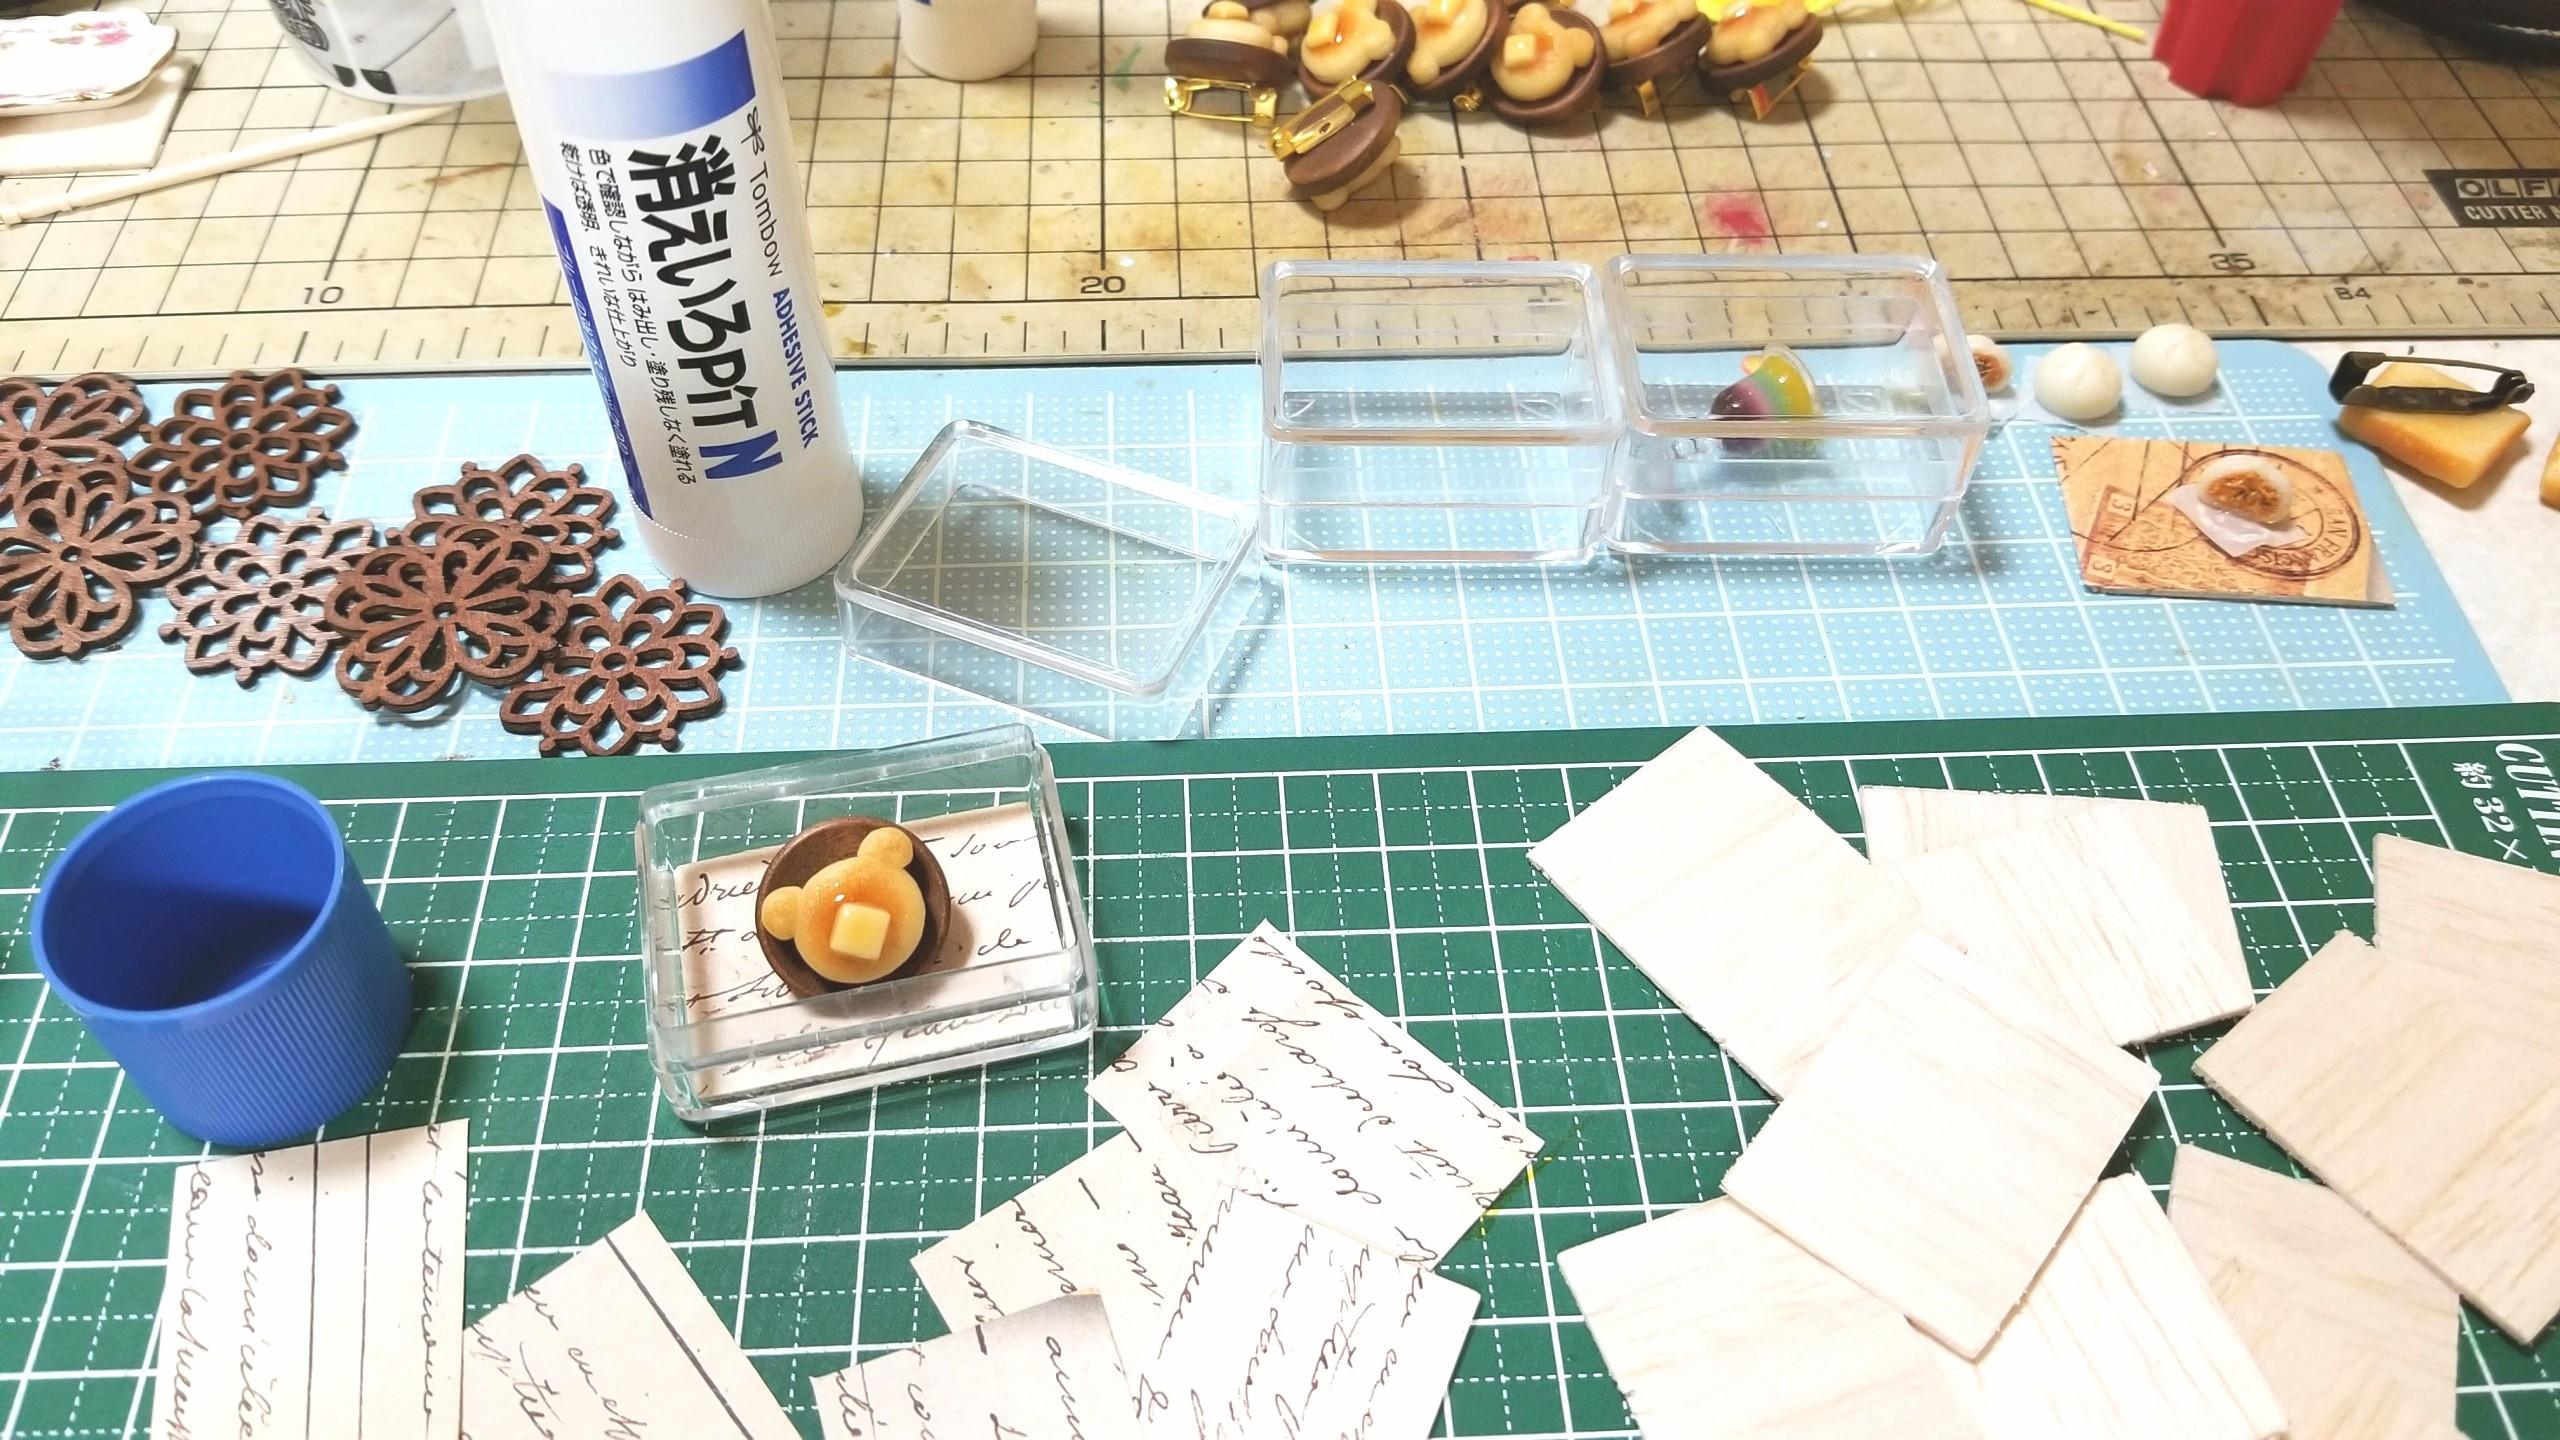 台紙,土台,作り方,ミニチュア,織り紙,バルサ材,可愛,小さい,樹脂粘土